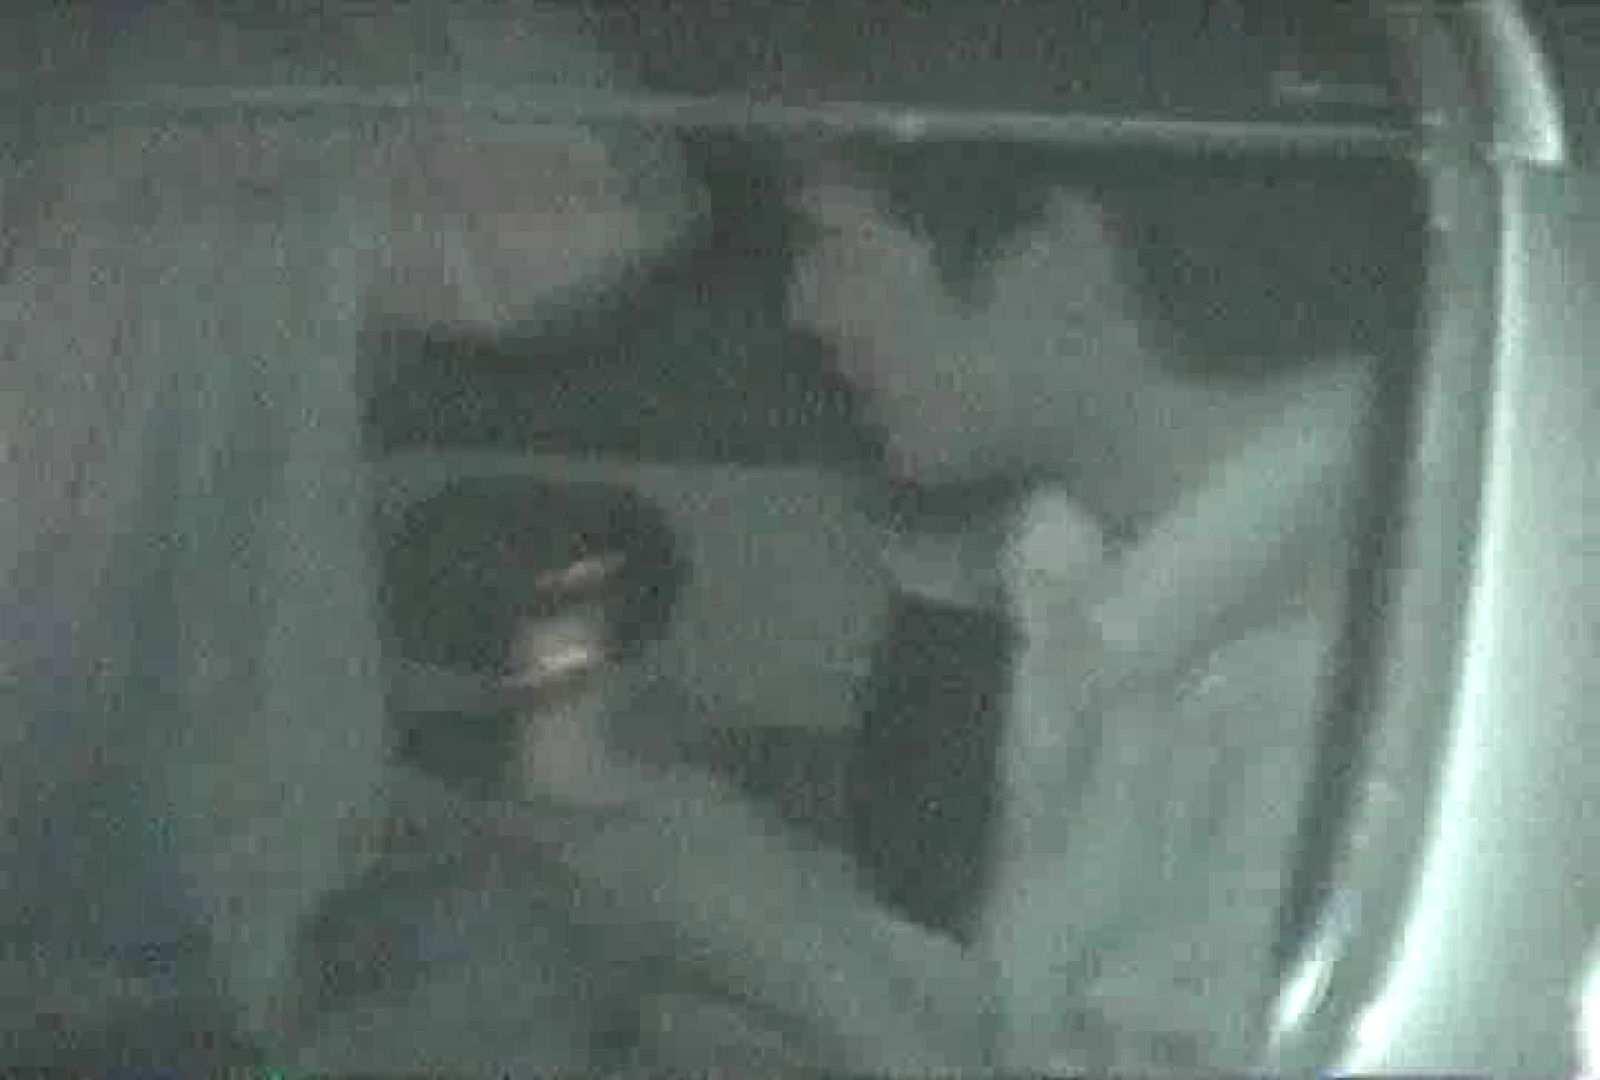 充血監督の深夜の運動会Vol.56 エロティックなOL 盗撮動画紹介 103画像 77